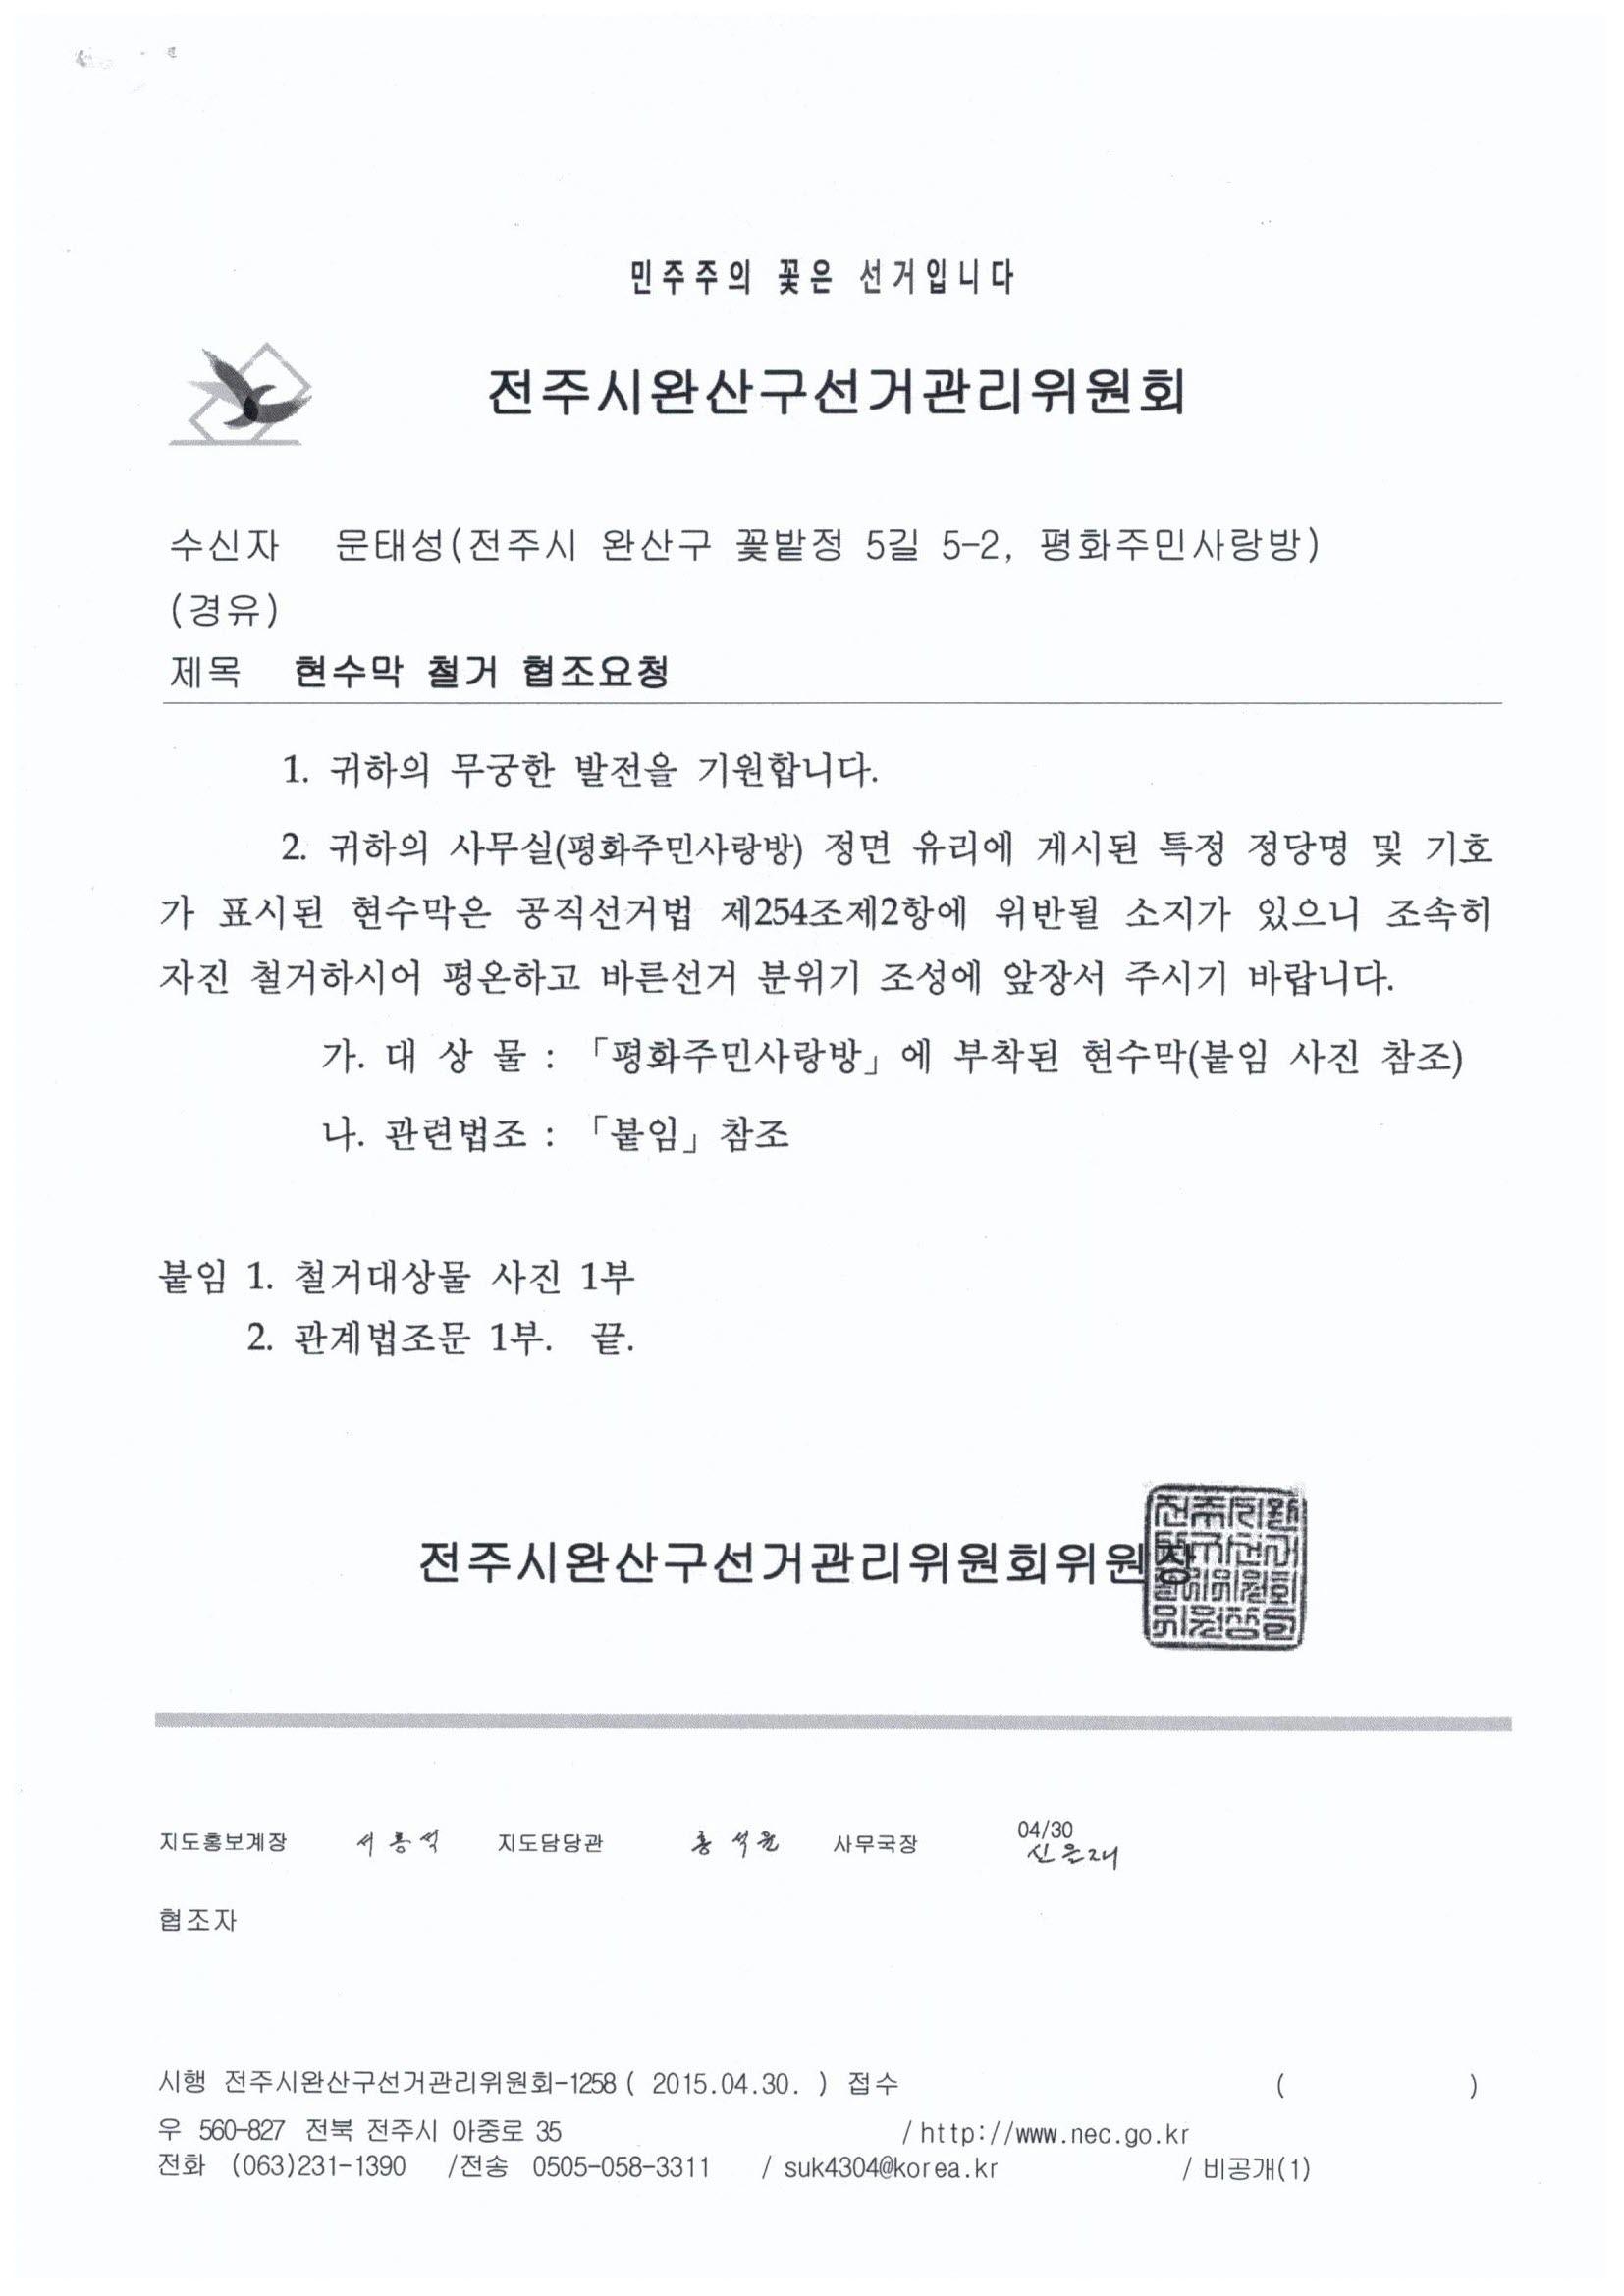 전주시완산구선거관리위원회-1258호(2015.04.30)_1.jpg